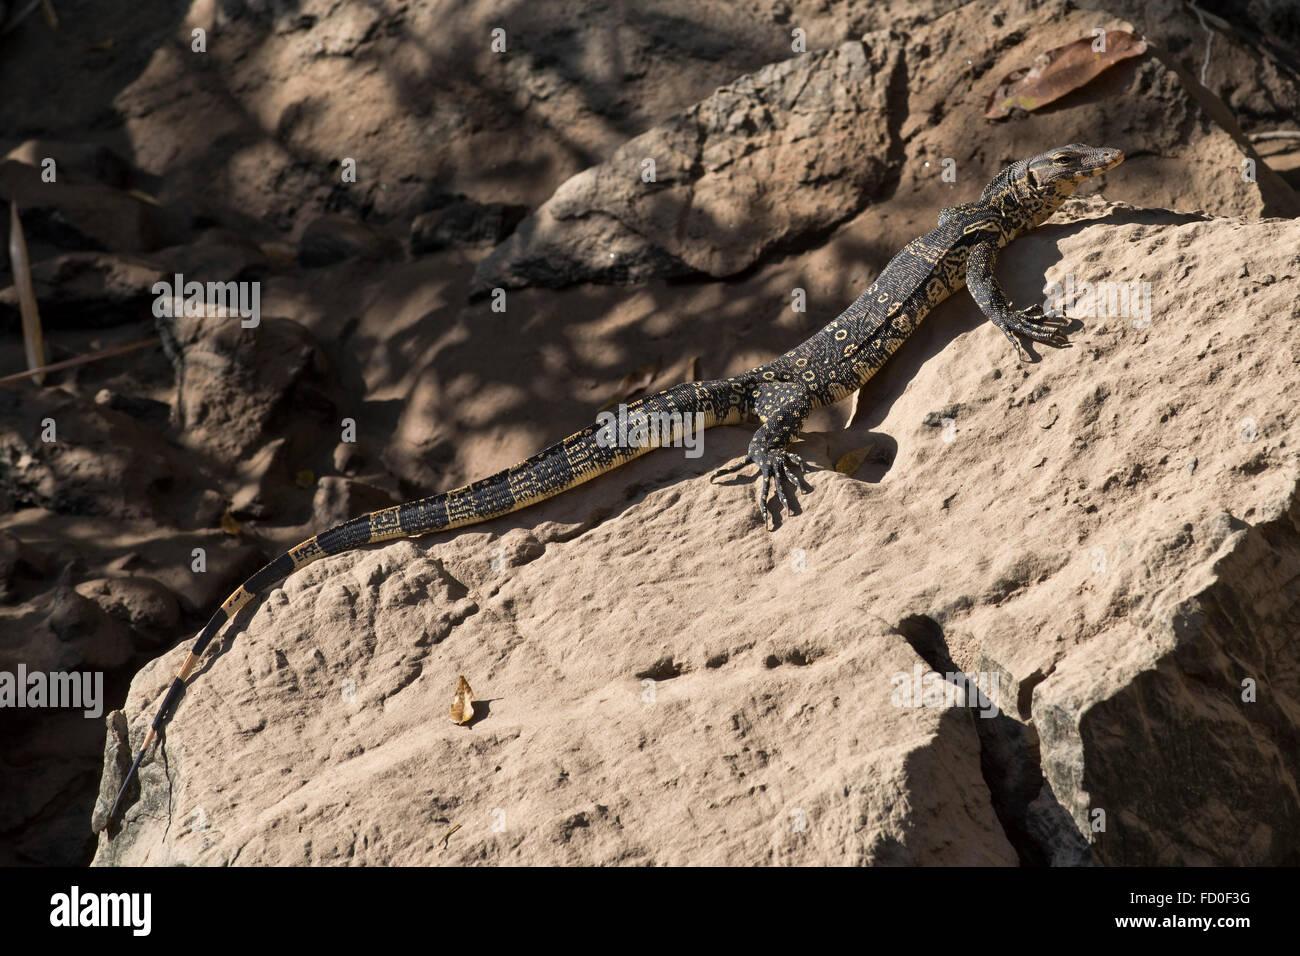 Jeune asiatique l'eau l'eau, varan Varanus salvator, se prélassant sur un rocher sur la rive de la Photo Stock